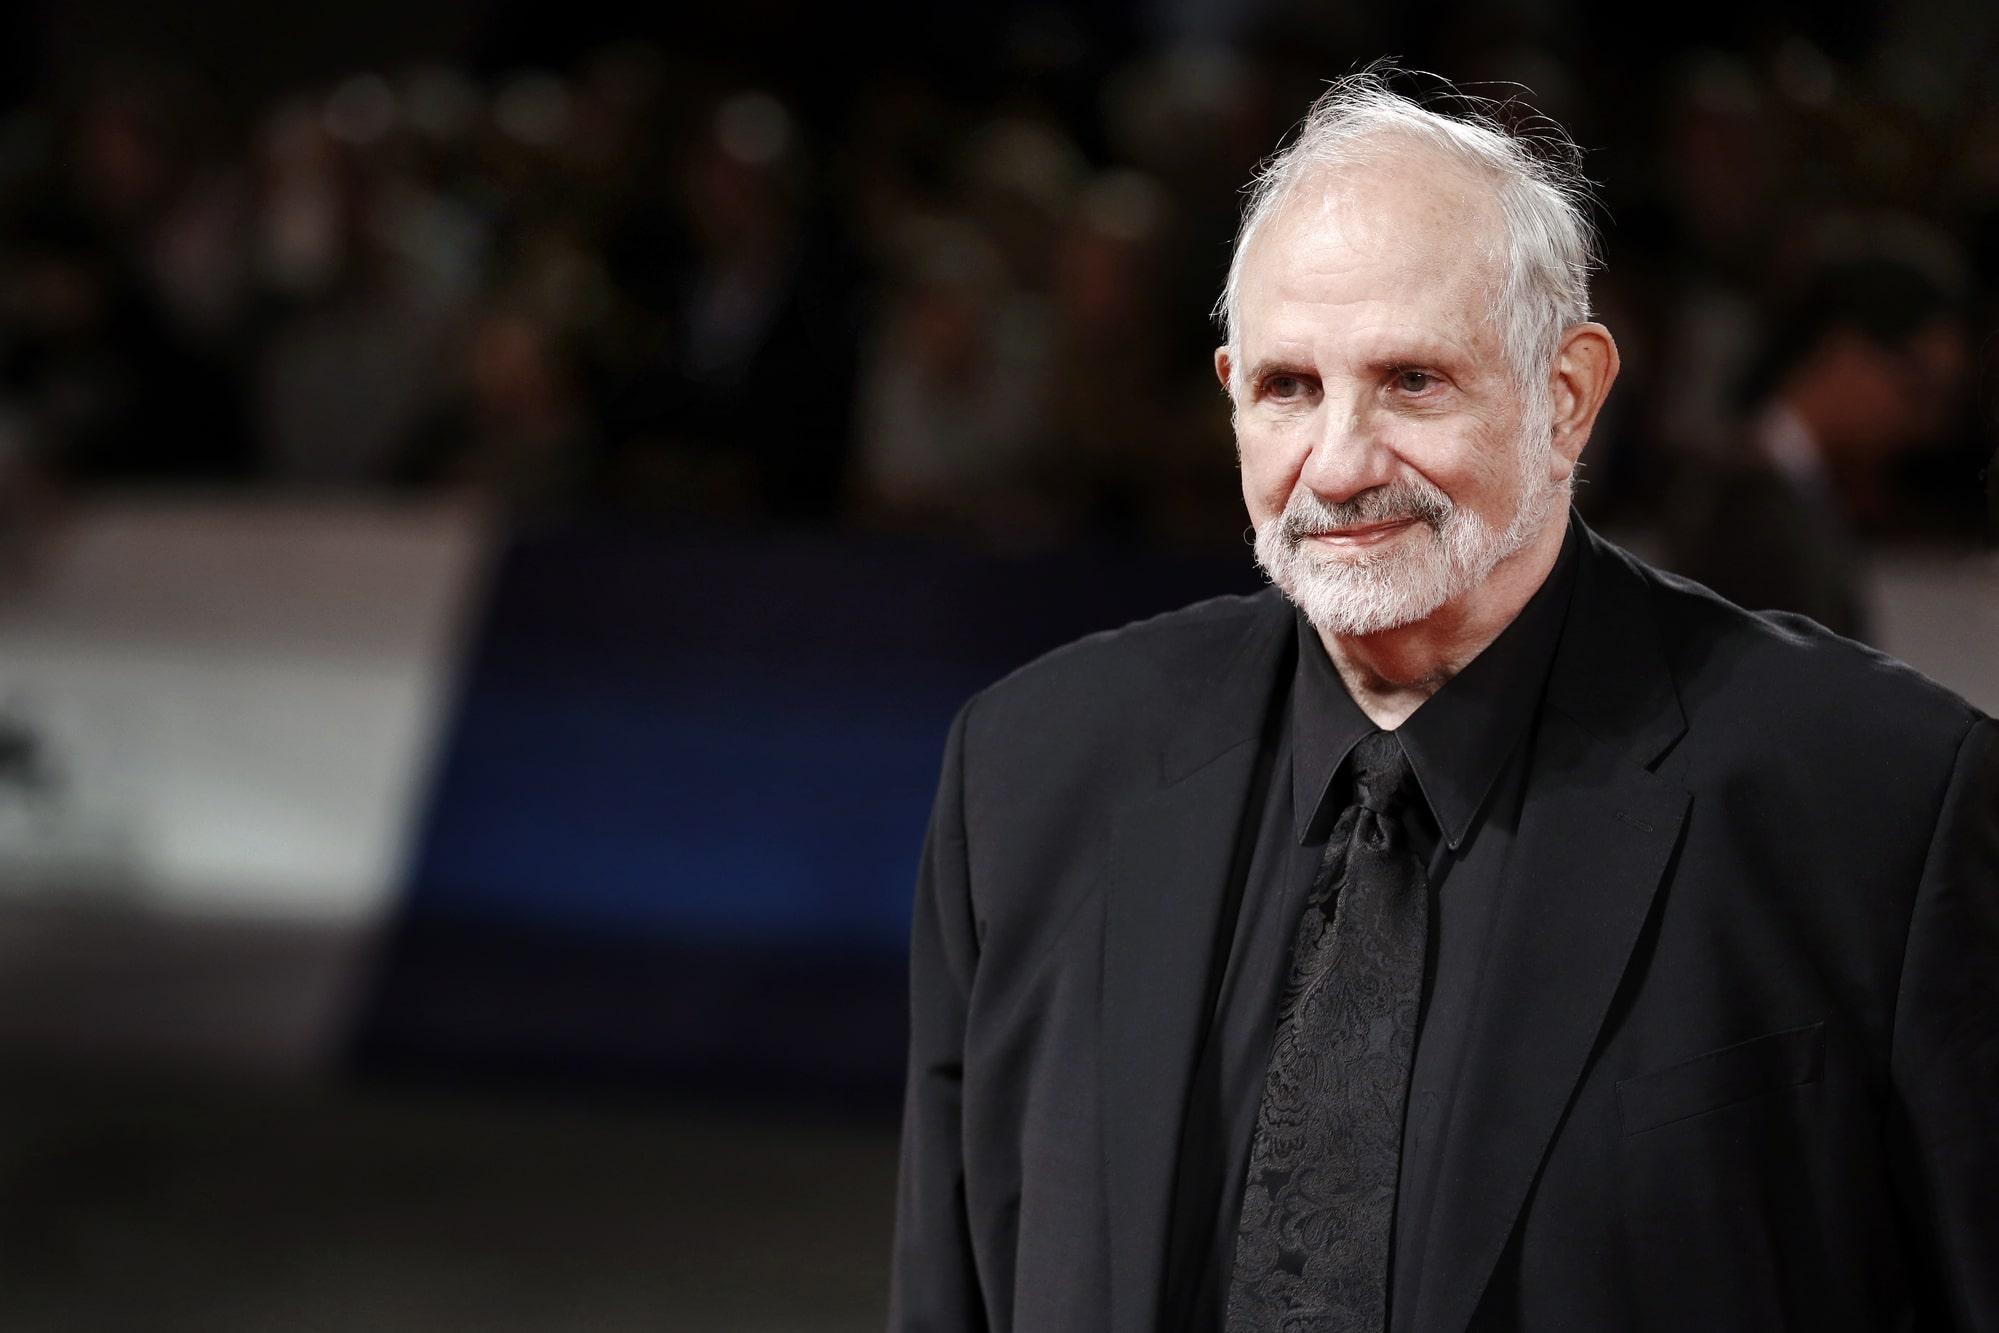 Брайан де Пальма отмечает 80-летие: самые известные его фильмы